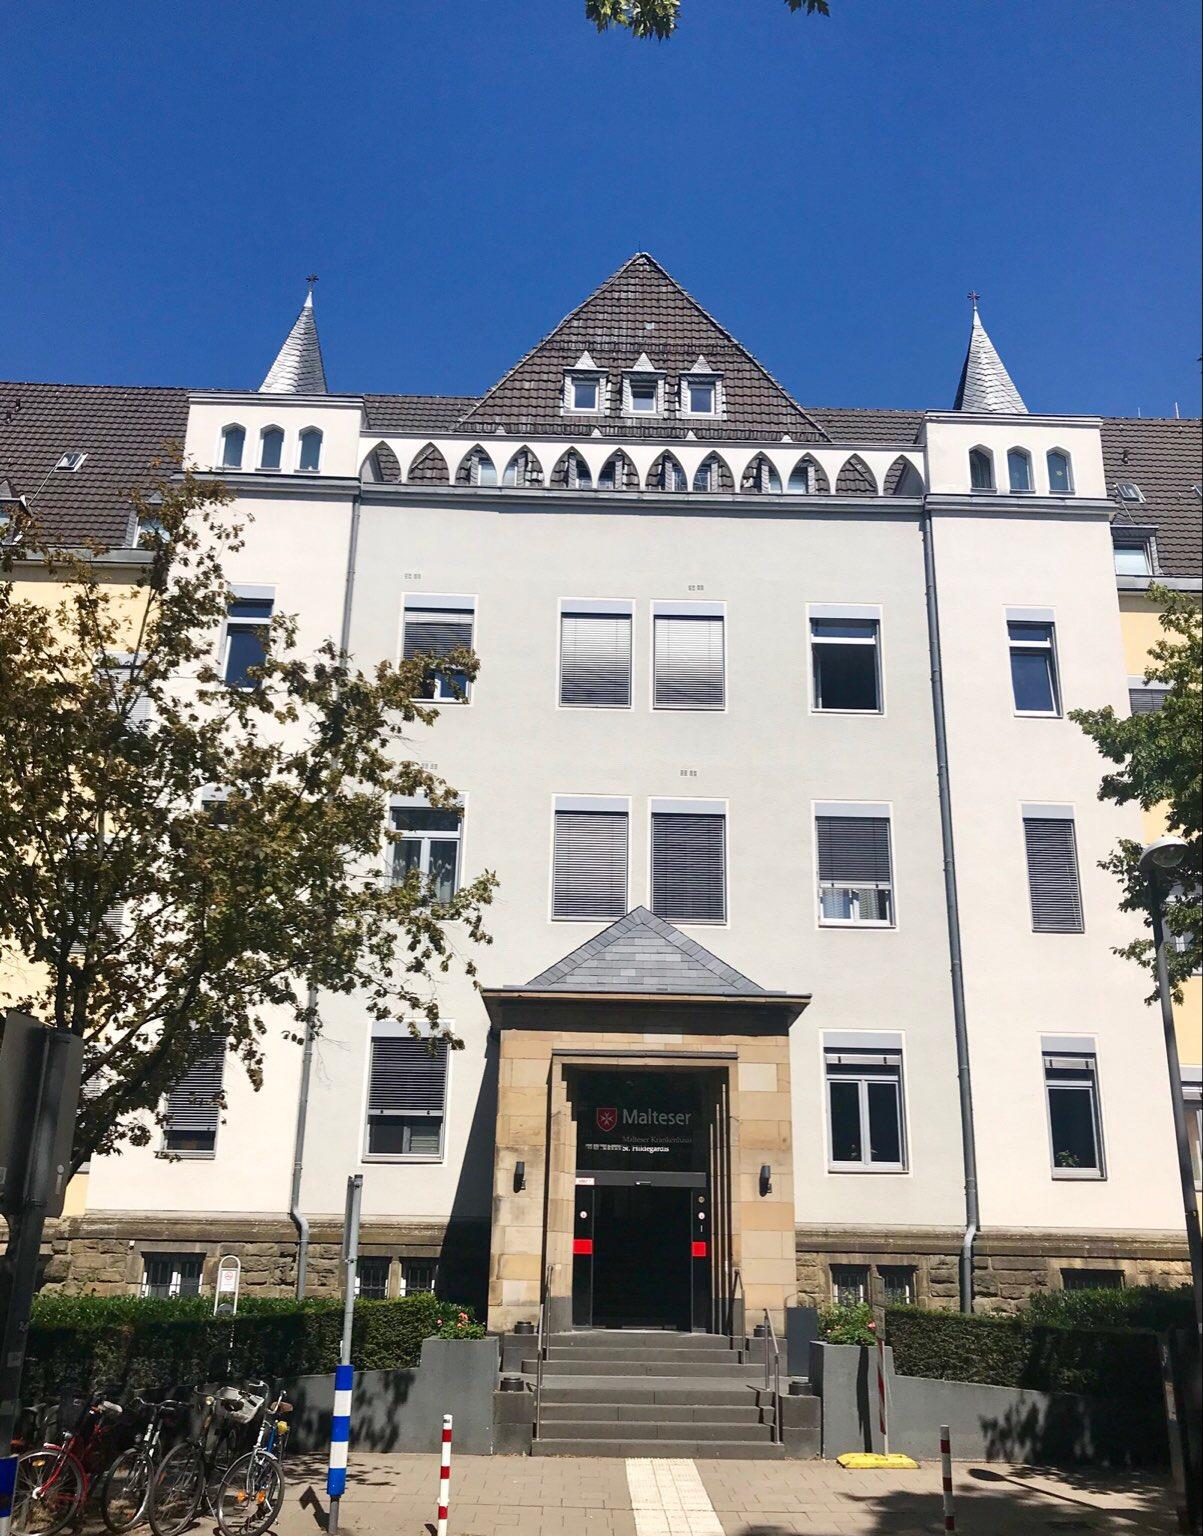 Malteser Krankenhaus St. Hildegardis Köln